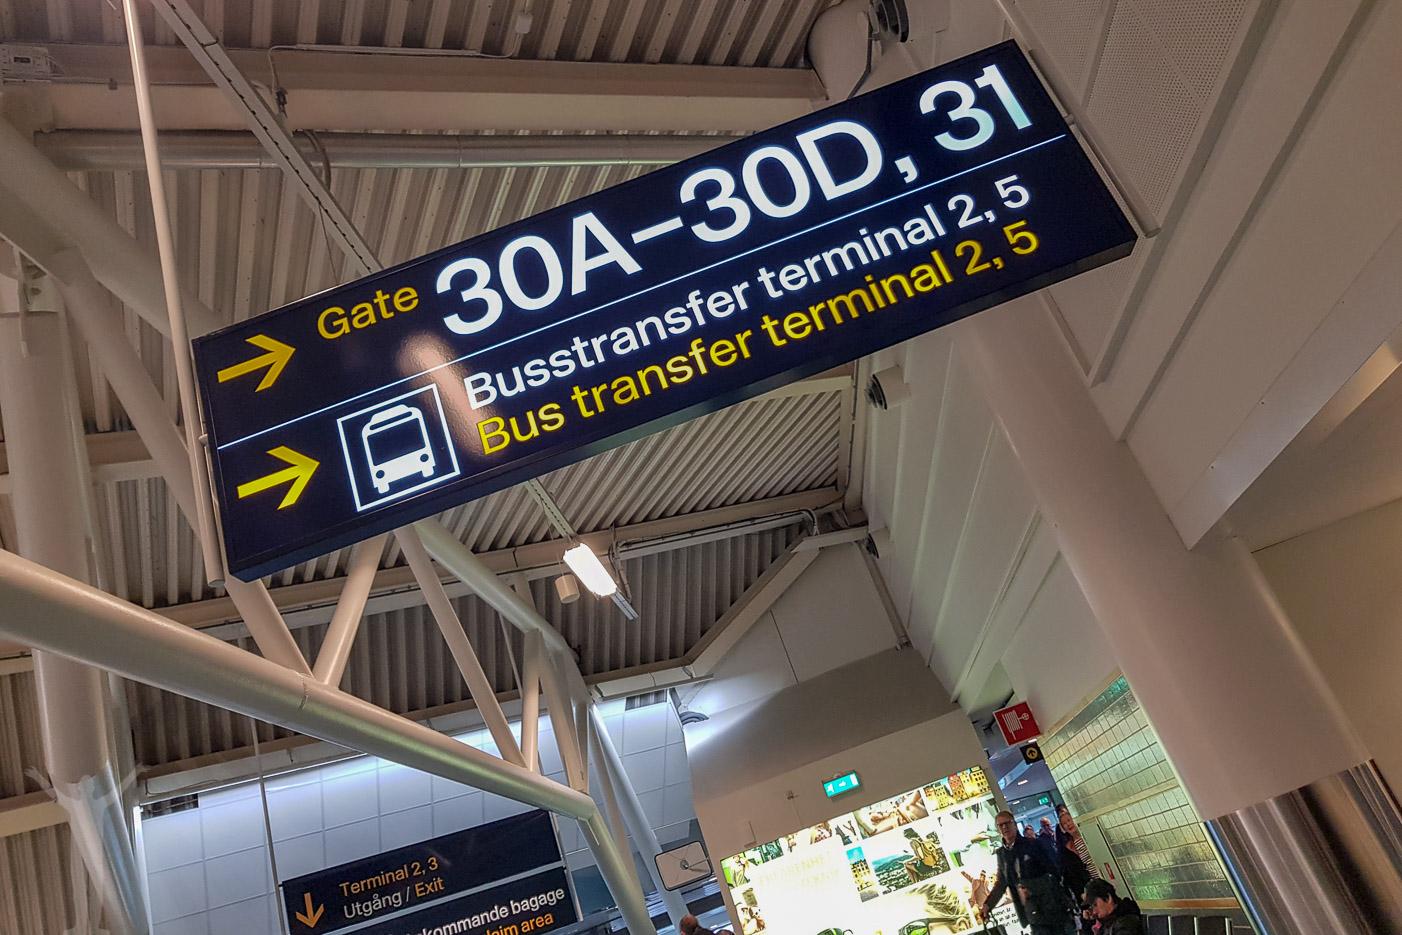 Busstransfer på Arlanda - gate 30D